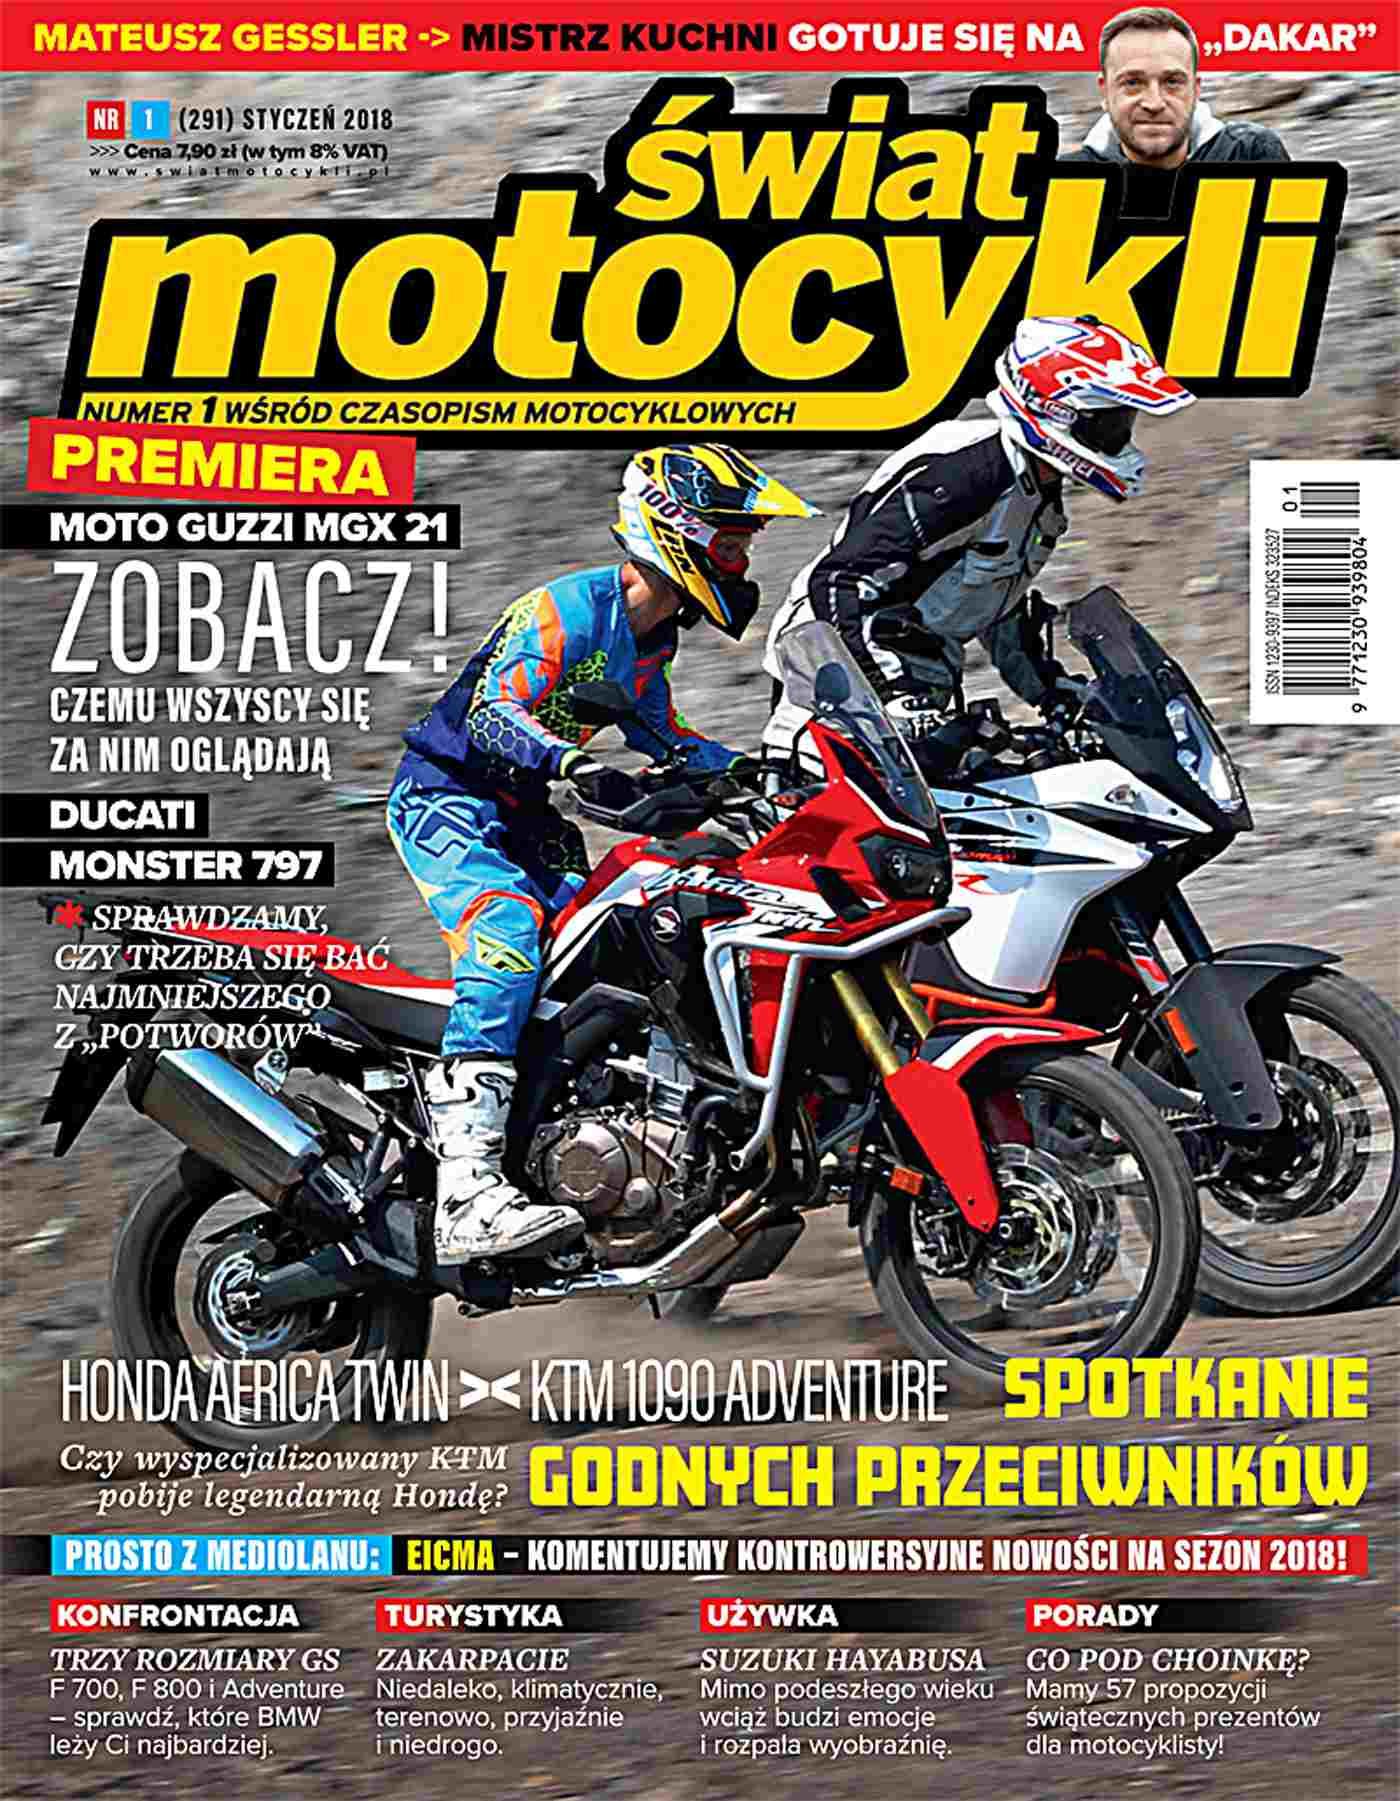 Świat Motocykli 1/2018 - Ebook (Książka PDF) do pobrania w formacie PDF